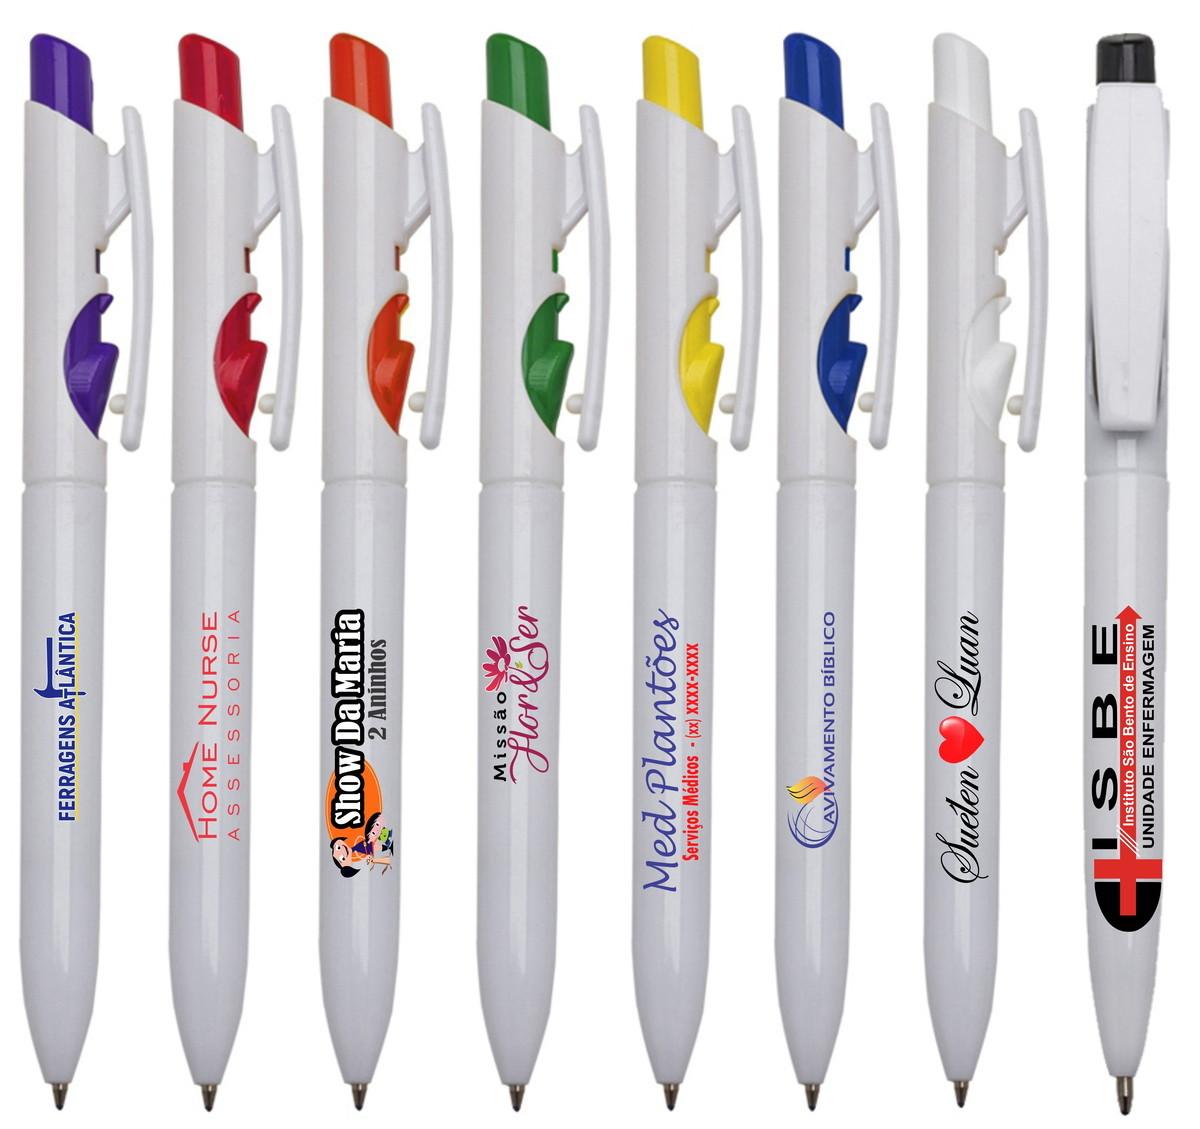 Caneta Personalizada c/sua Logo Colorida -mod 1097 no Elo7 | Gráfica Print  Personaliza (CEF044)